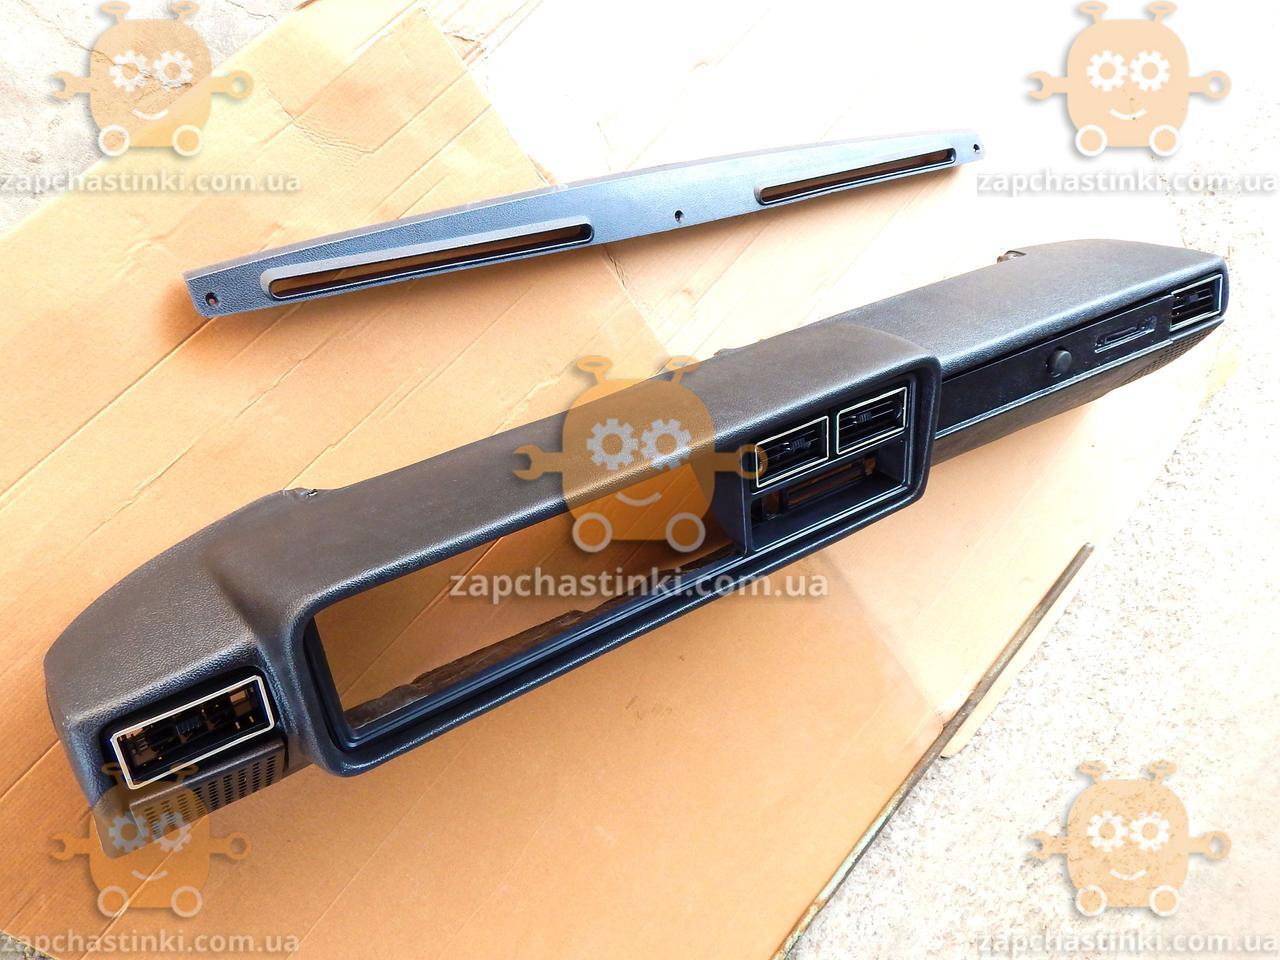 Панель приборов ВАЗ 2107 в полусборе со стрелой (пр-во Россия оригинал!) АГ 5065